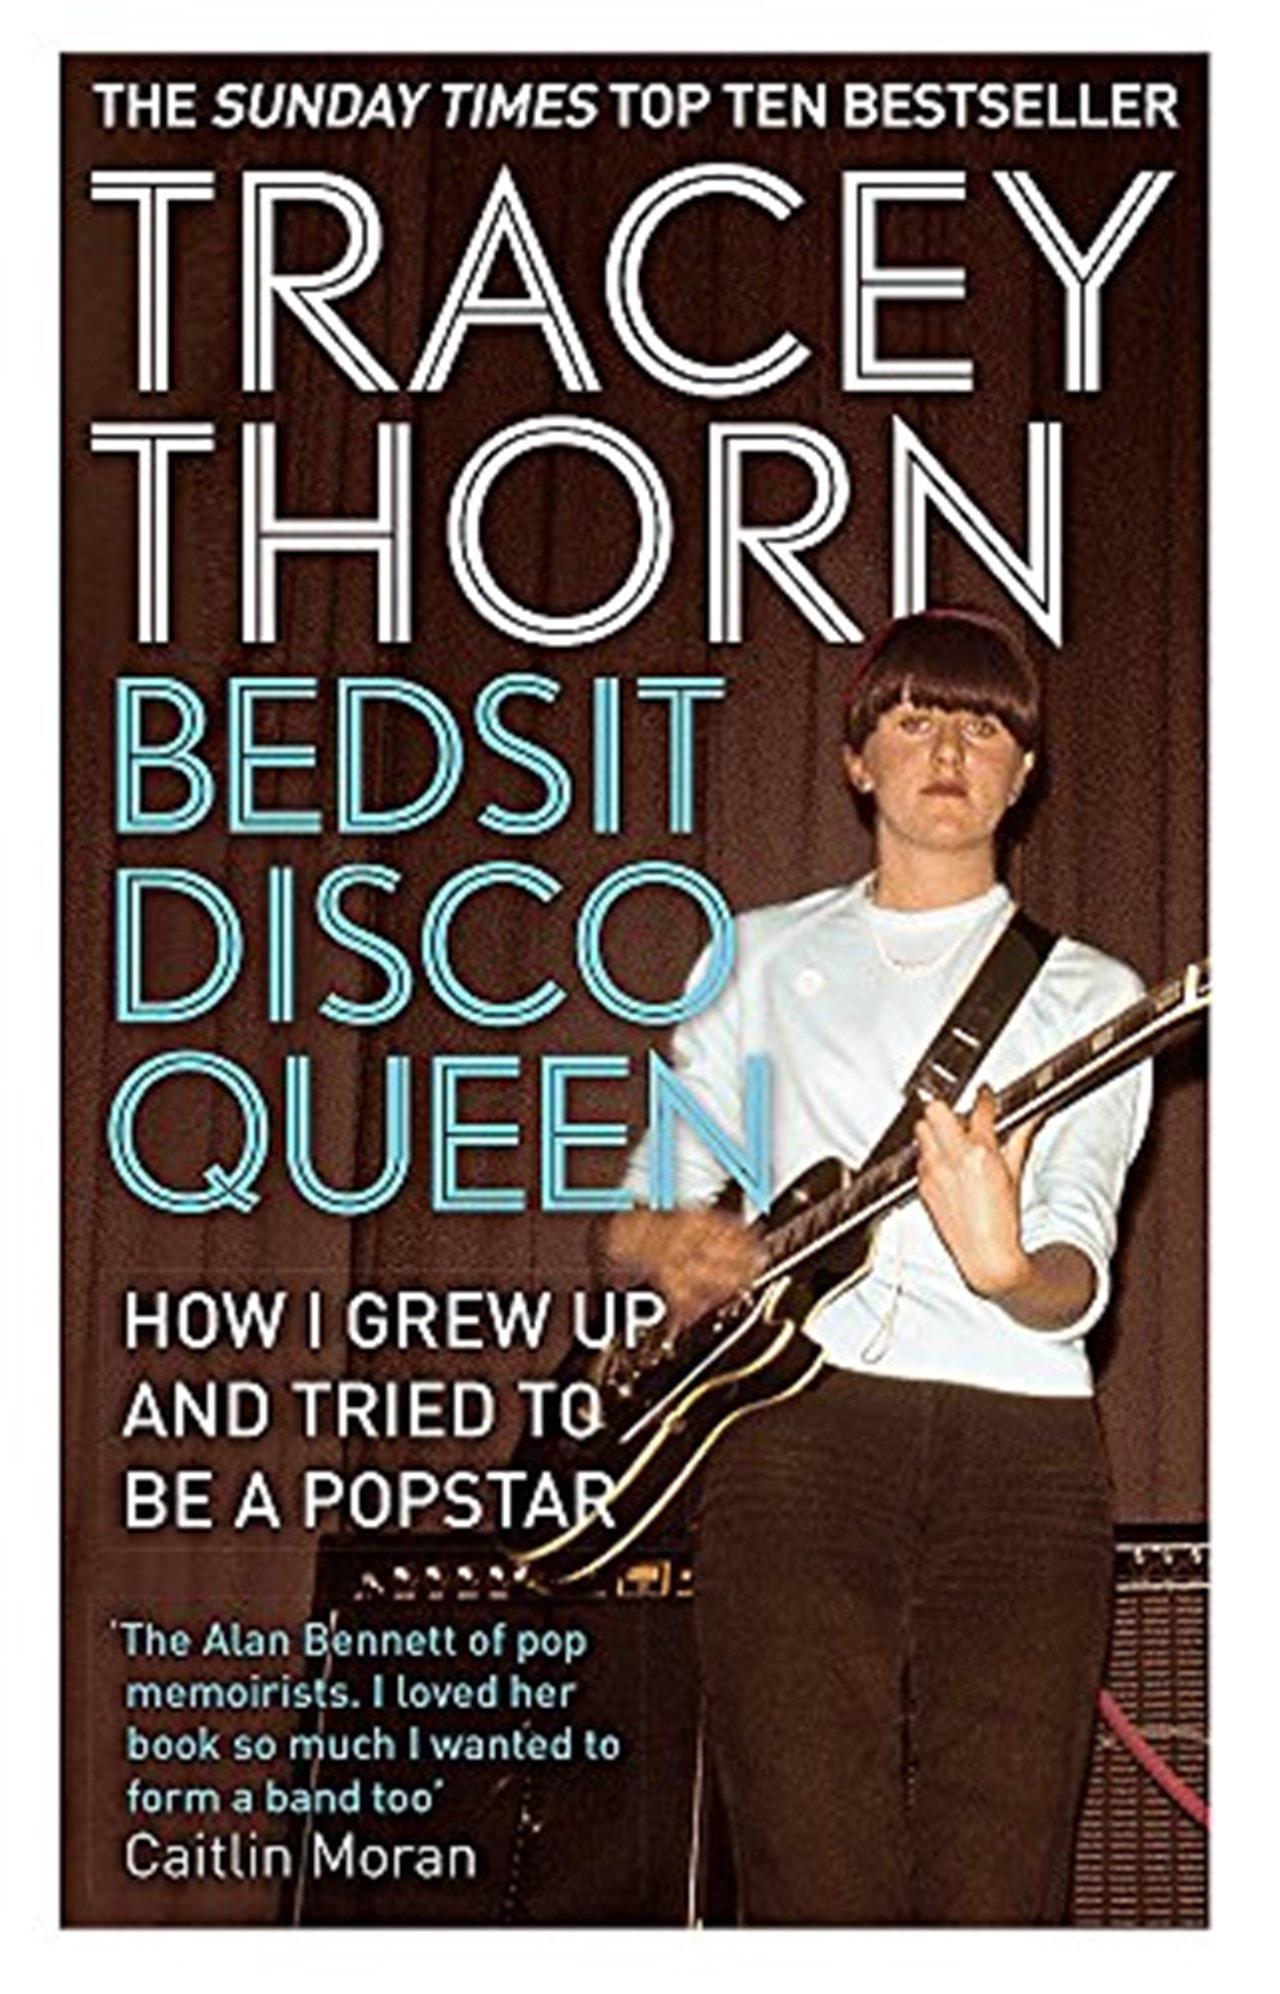 Bedsit Disco Queen - 1